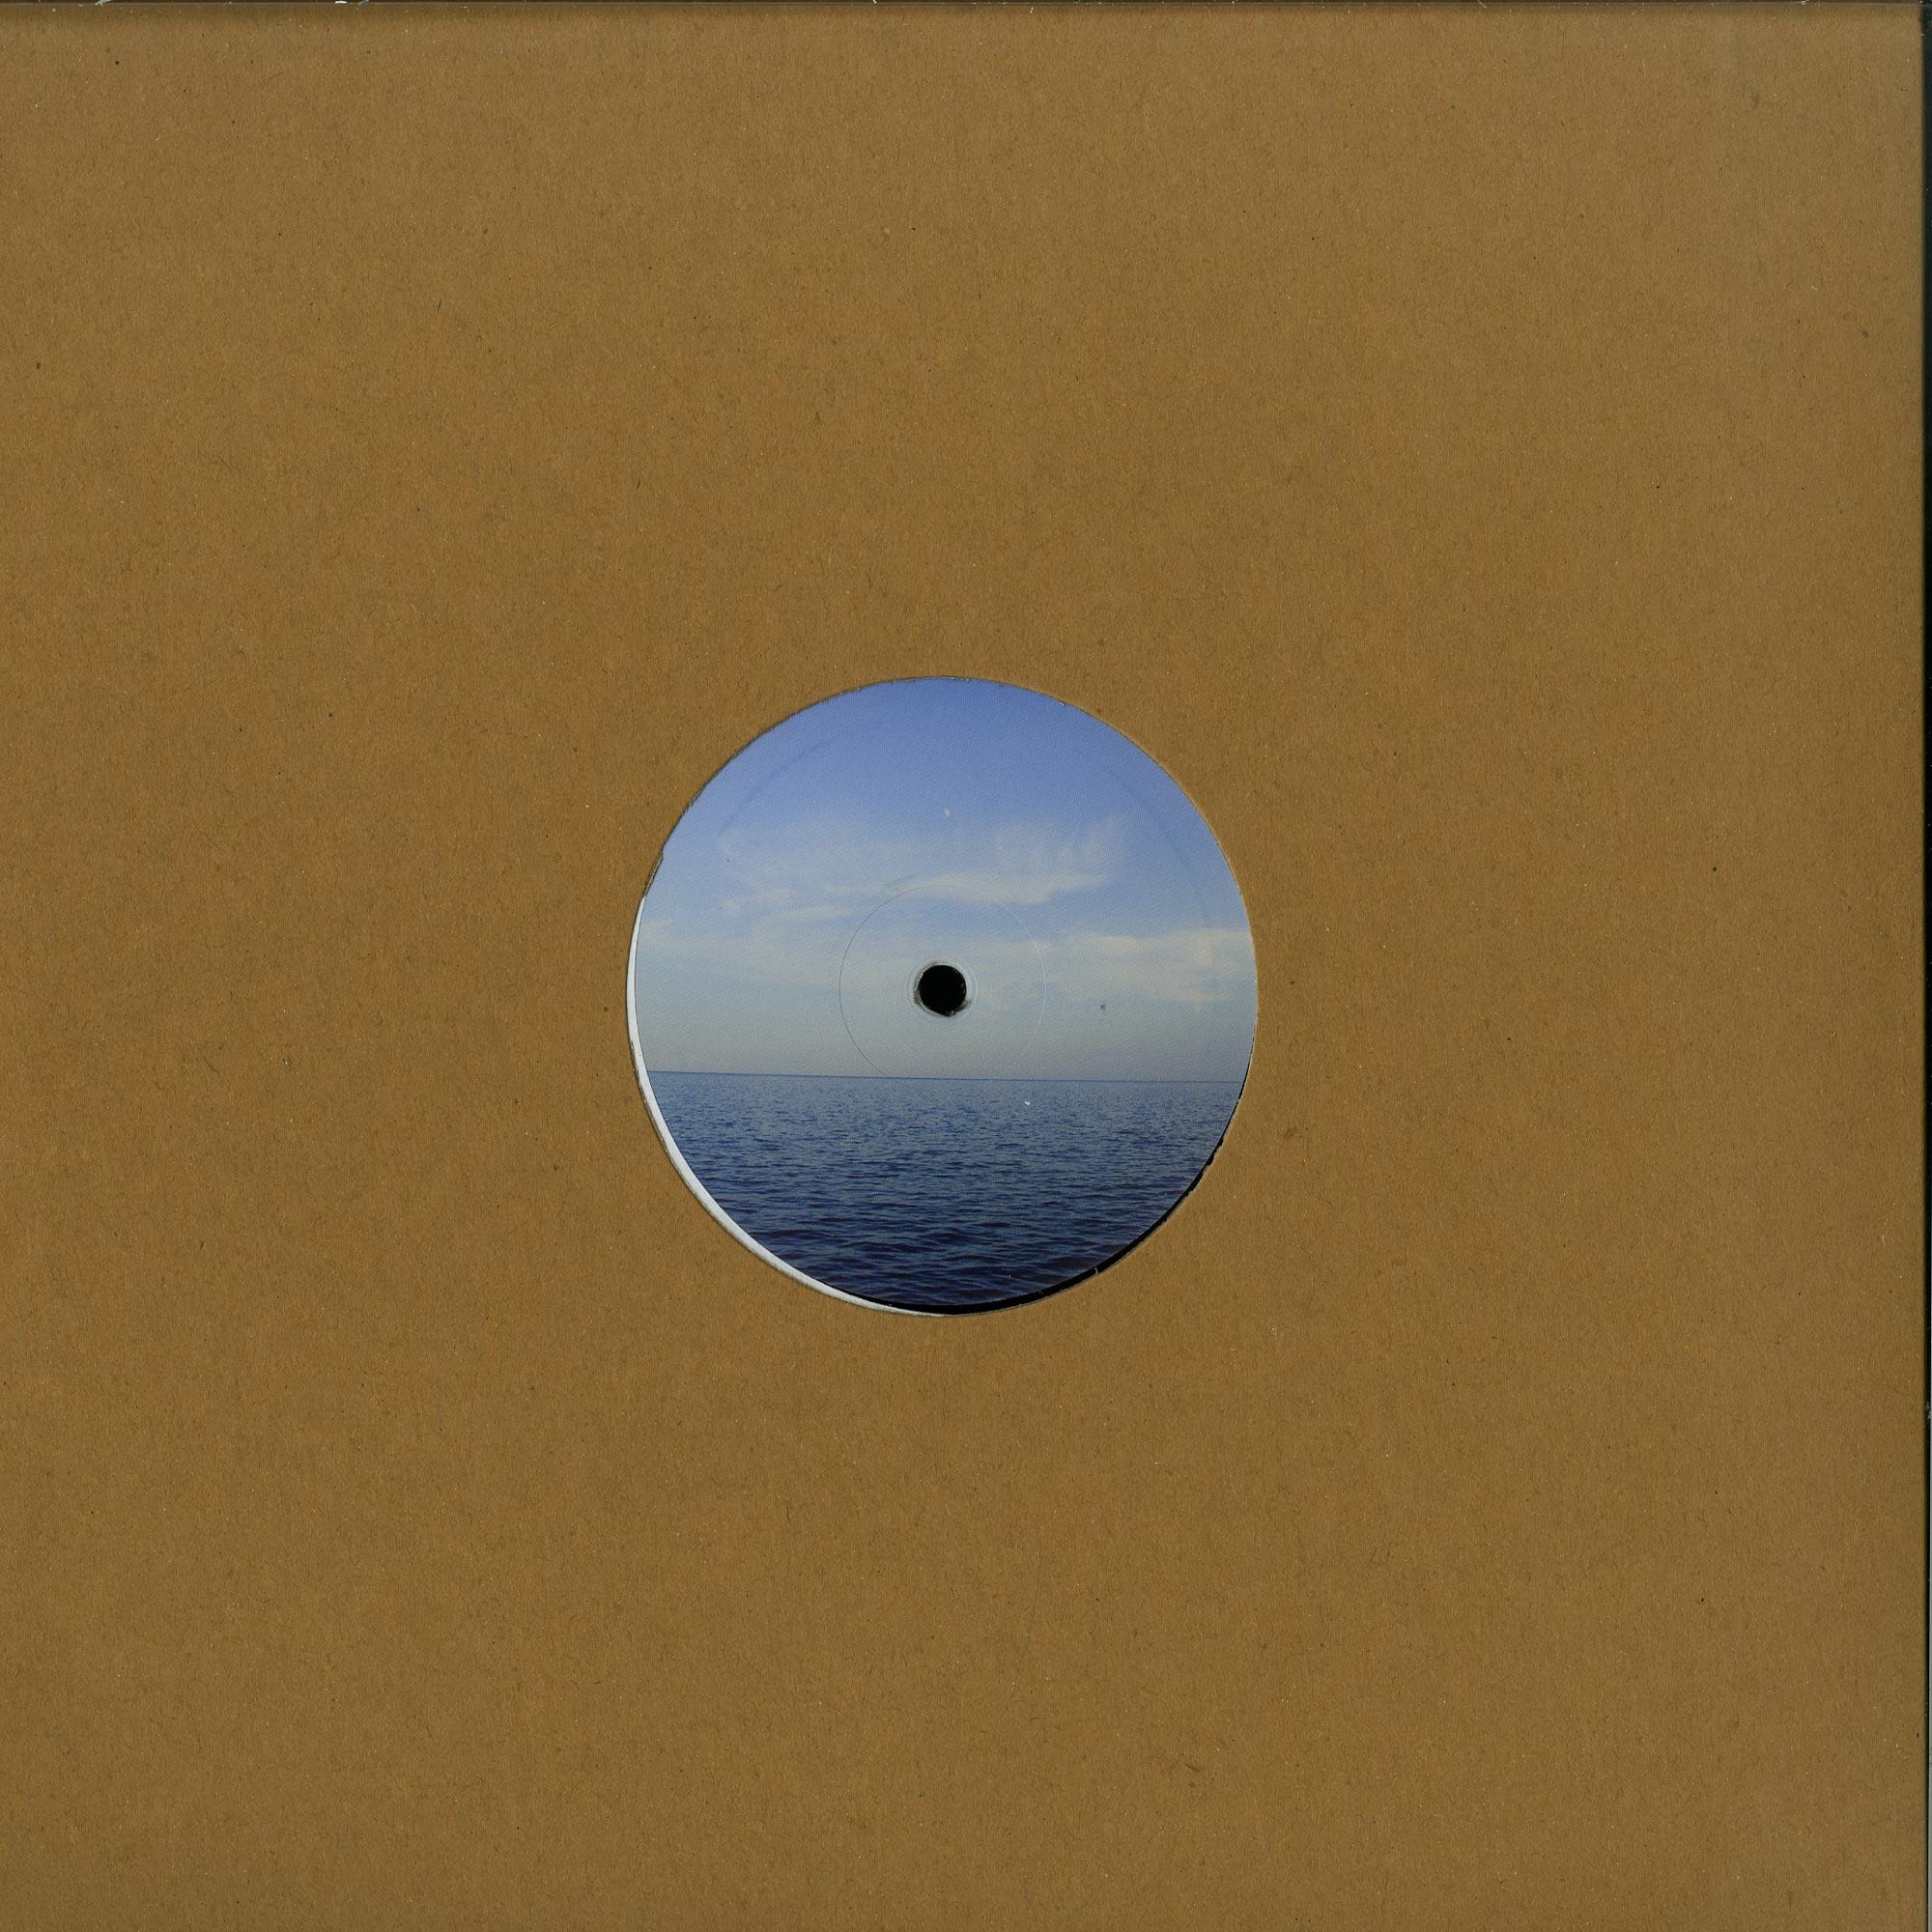 DJ Steaw - OCEAN VIEW EP